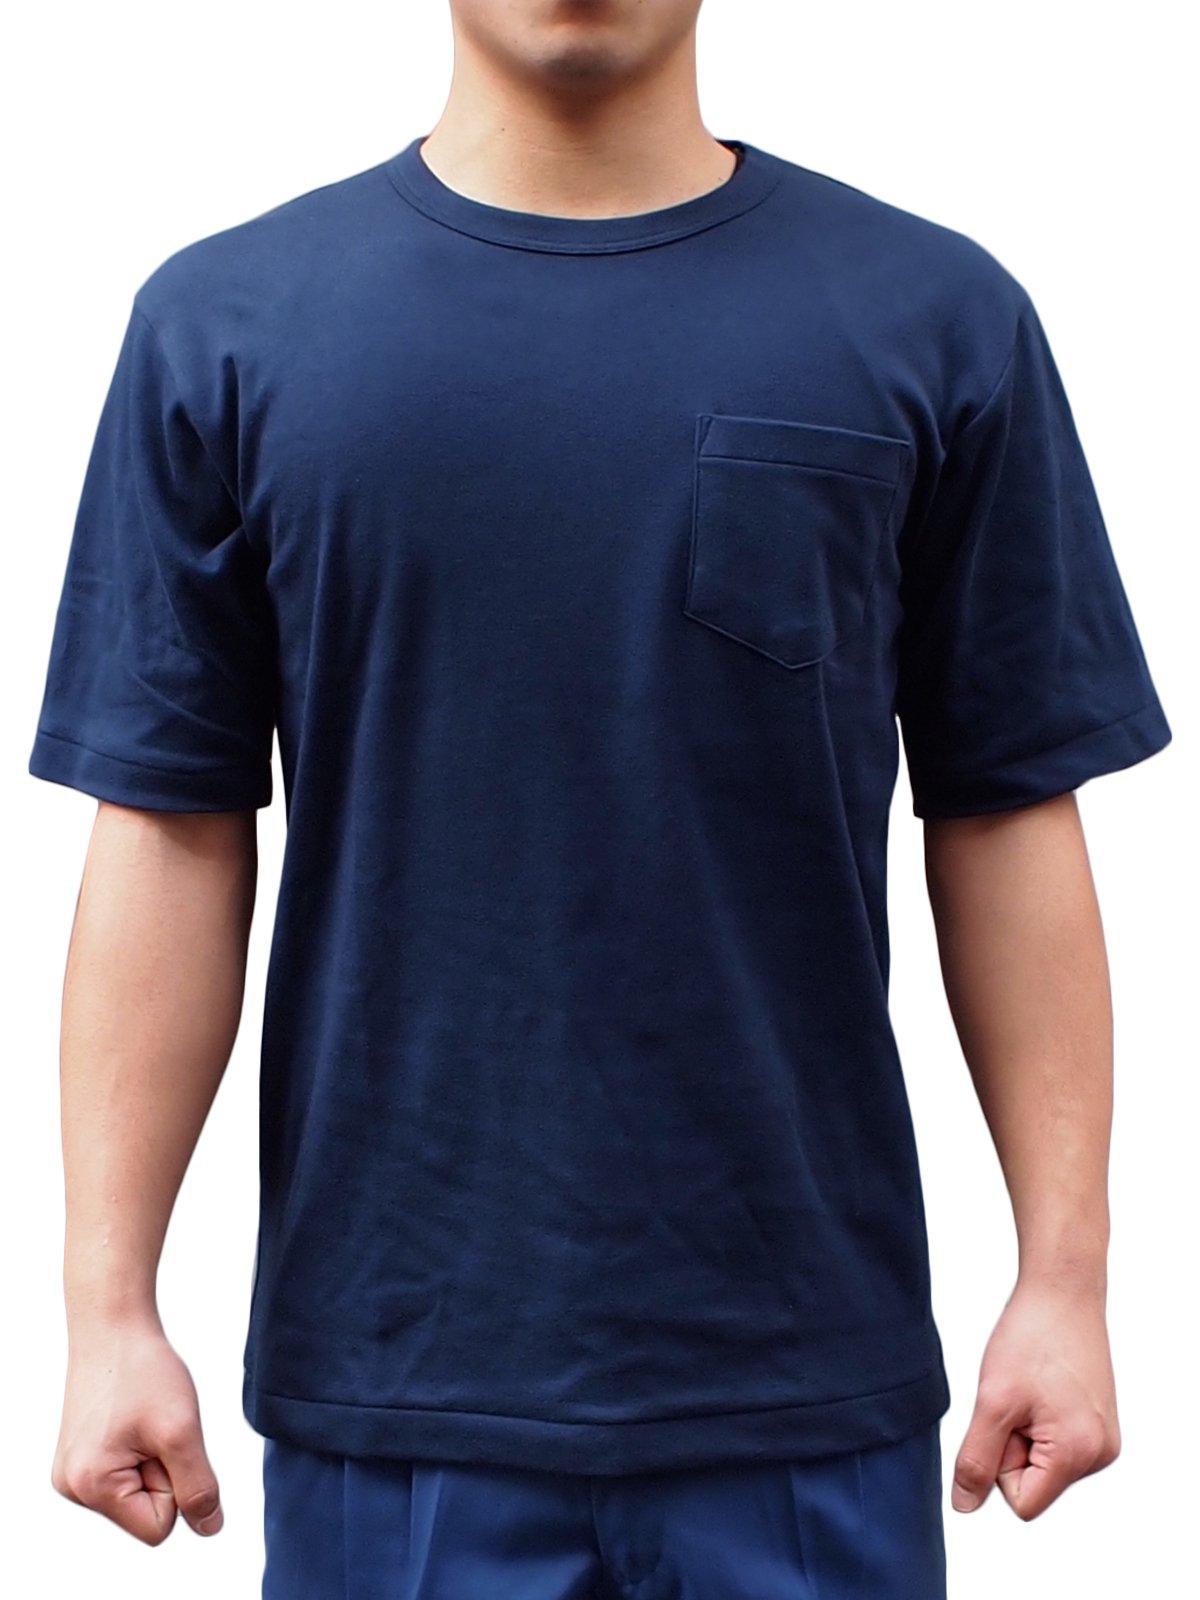 紺半袖パルパーTシャツ